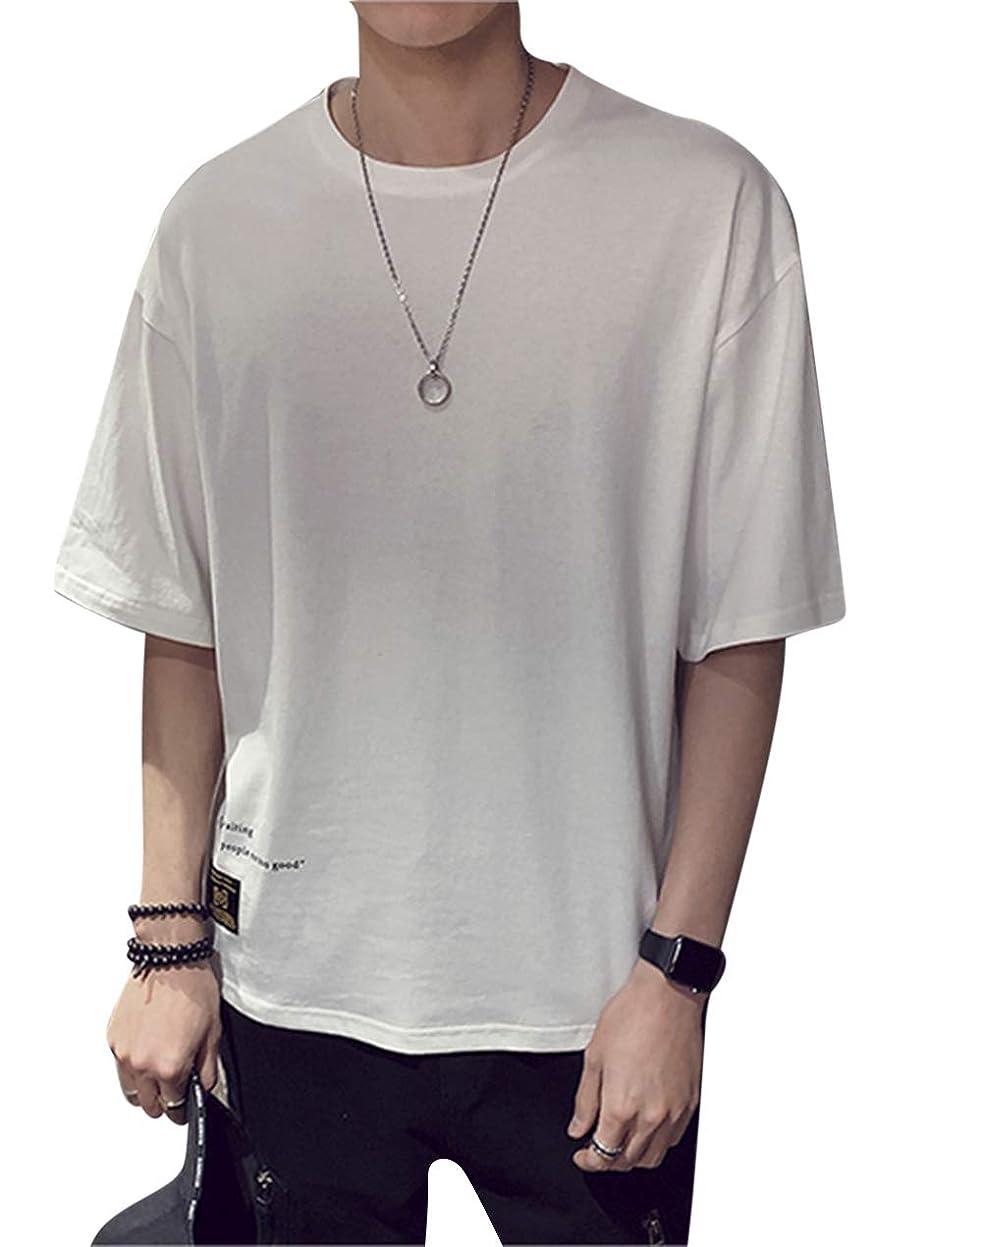 元気な納屋薬理学MissX Tシャツ メンズ 半袖 カットソー 五分袖Tシャツ 吸汗速乾 軽い 柔らかい 夏服 夏季対応